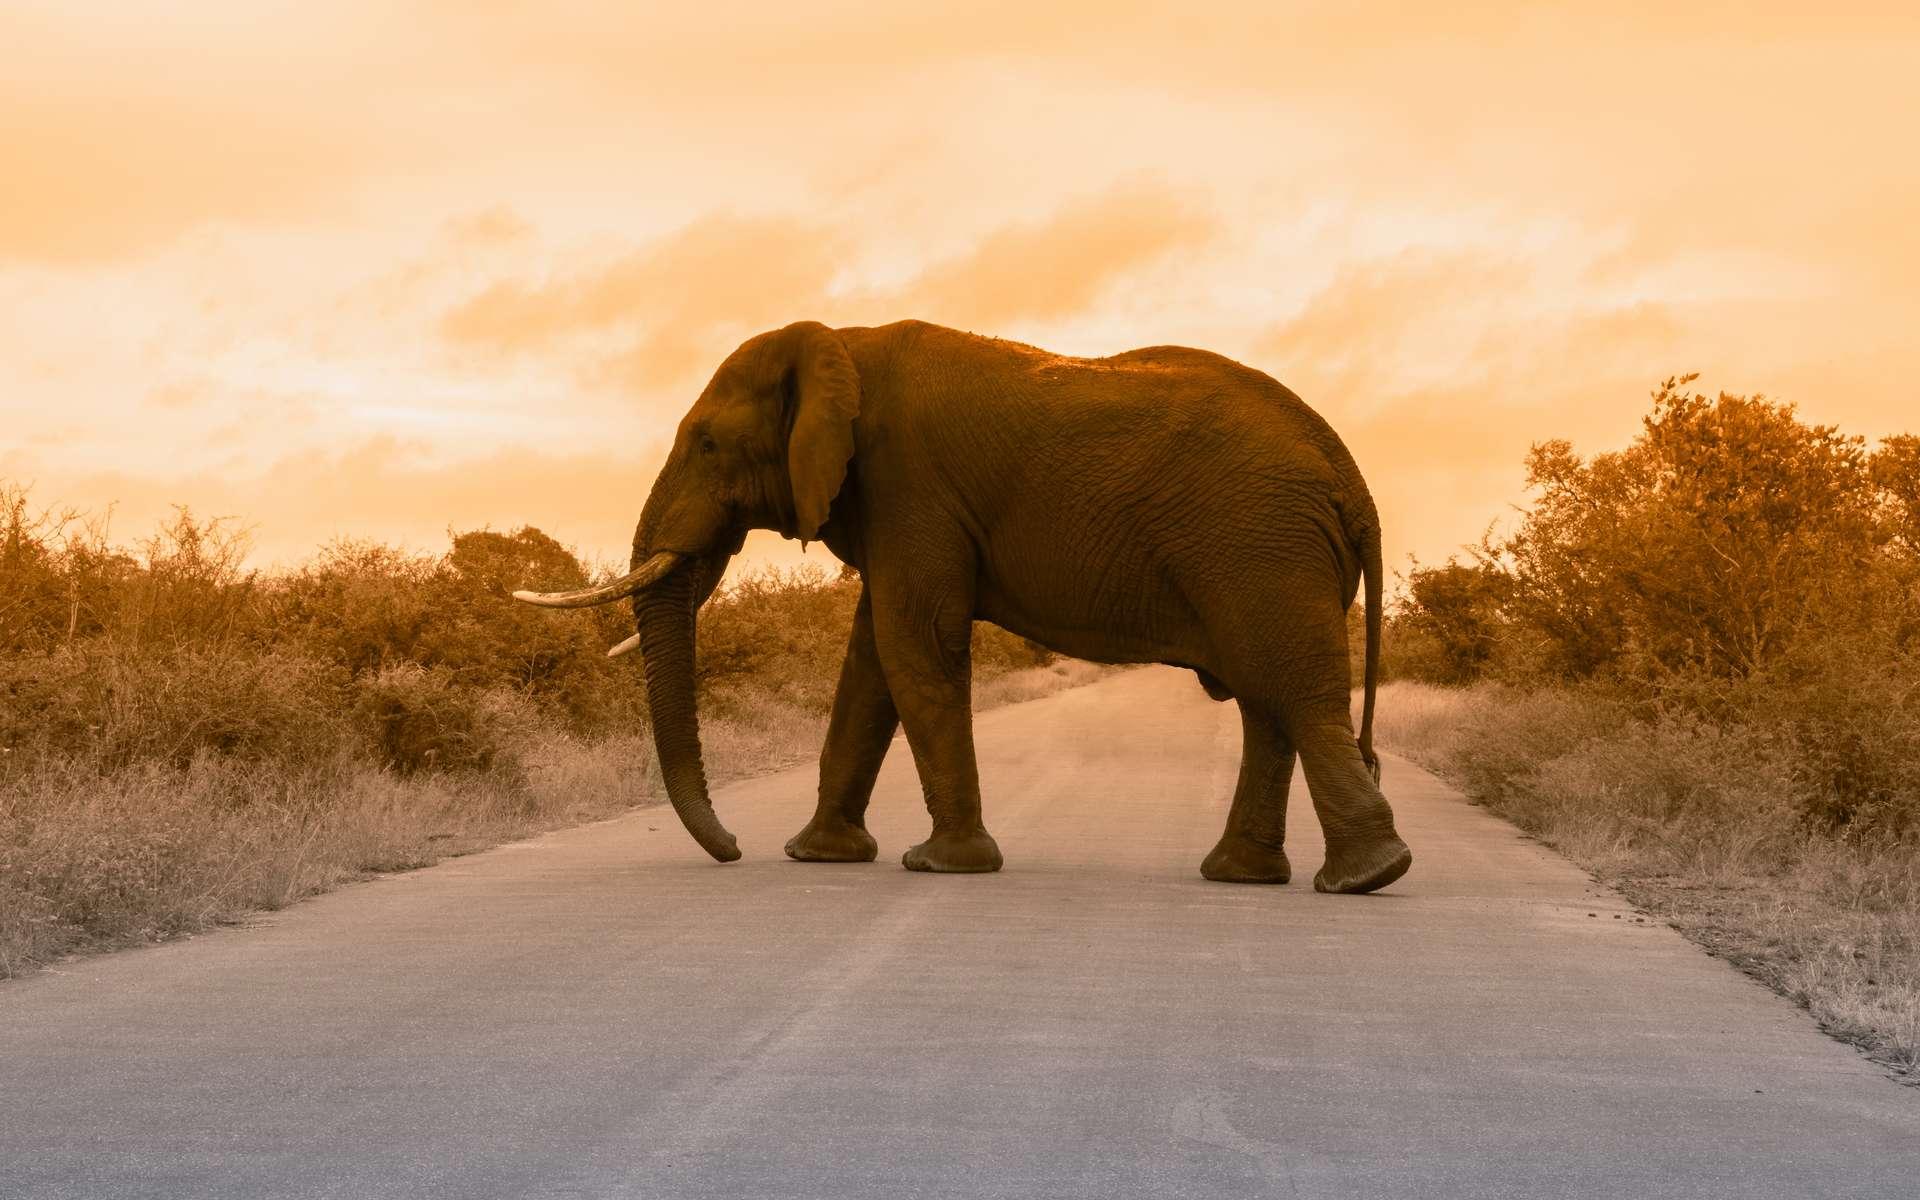 Dans les cinquante prochaines années, et selon les hypothèses, de nombreuses espèces de mammifères vont disparaître. Il faudra 3 à 5 millions d'années pour les remplacer. © Blaque X, Unsplash